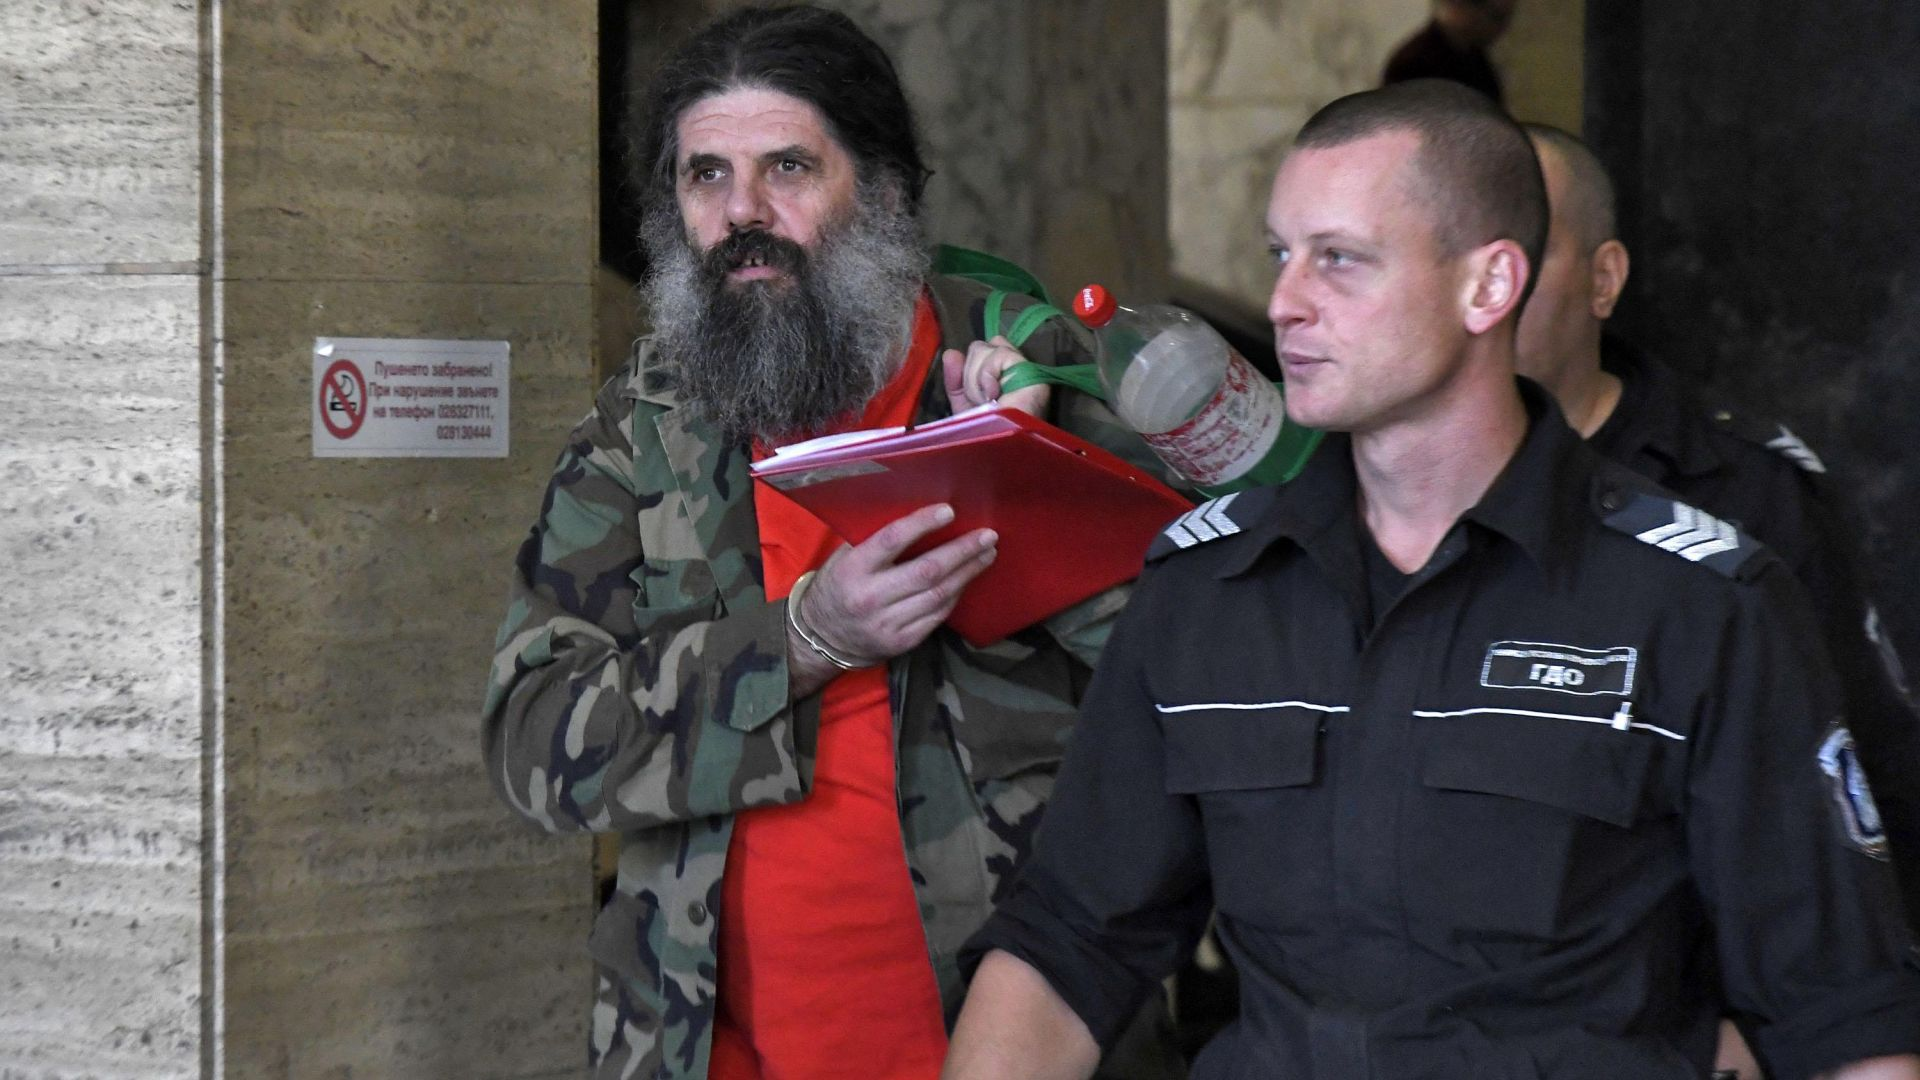 Магистралният бандит Крокодила завел 840 дела срещу съдии, следователи и прокурори